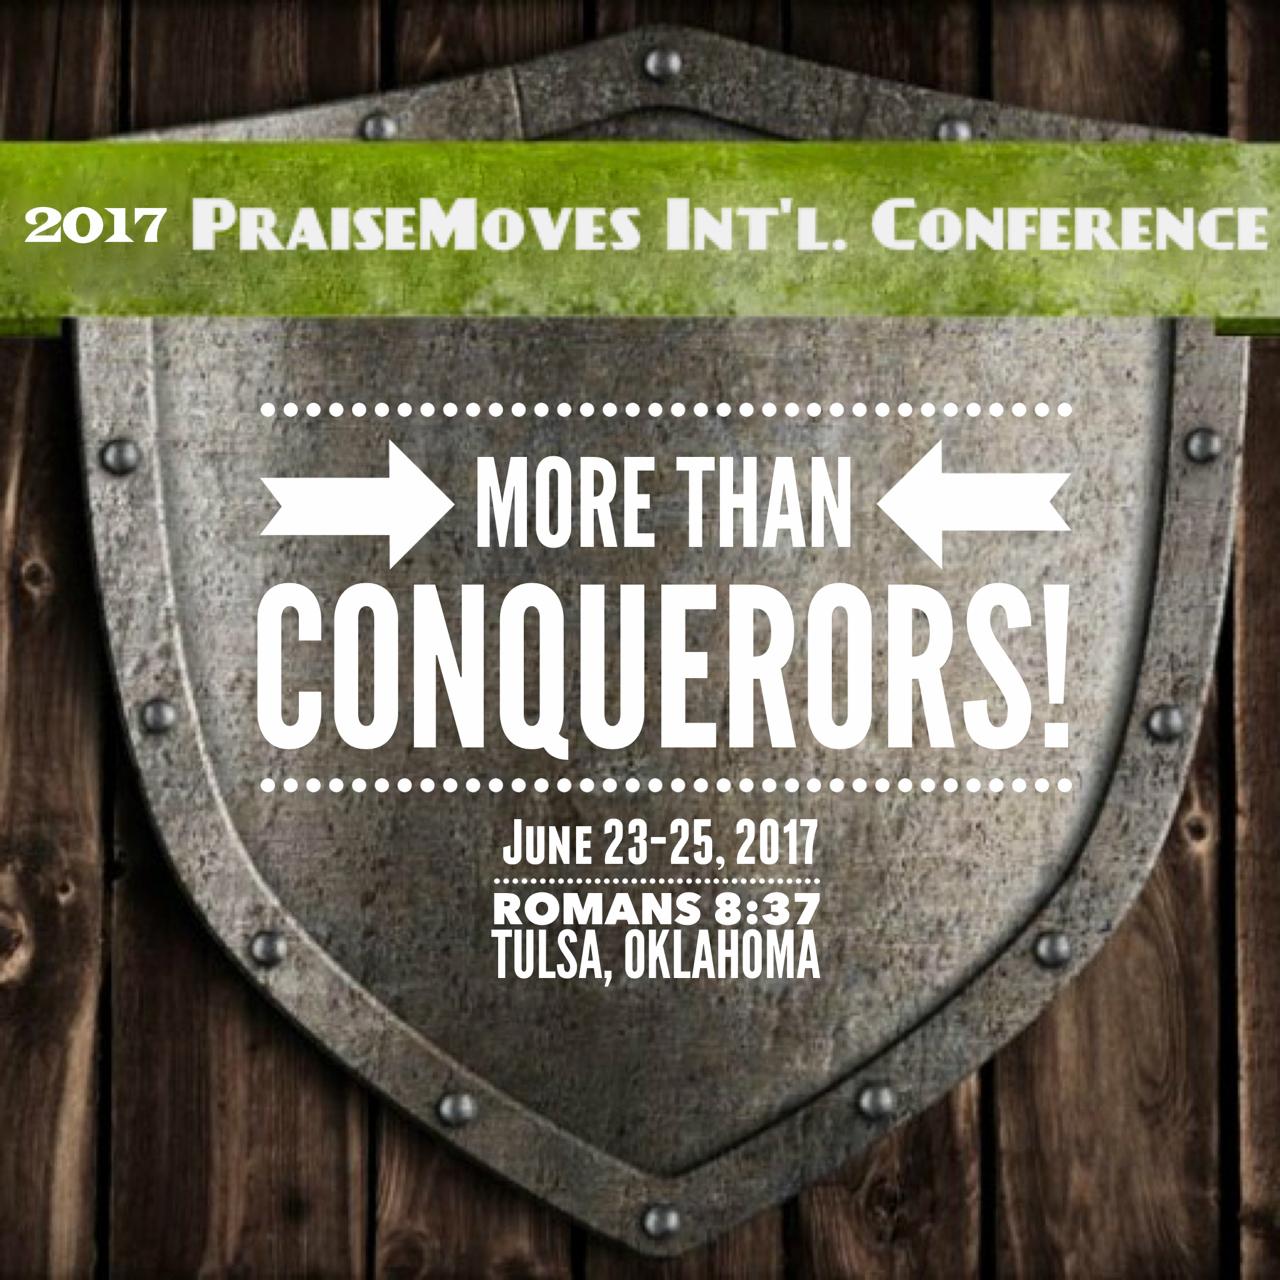 more-than-conquerors-logo1